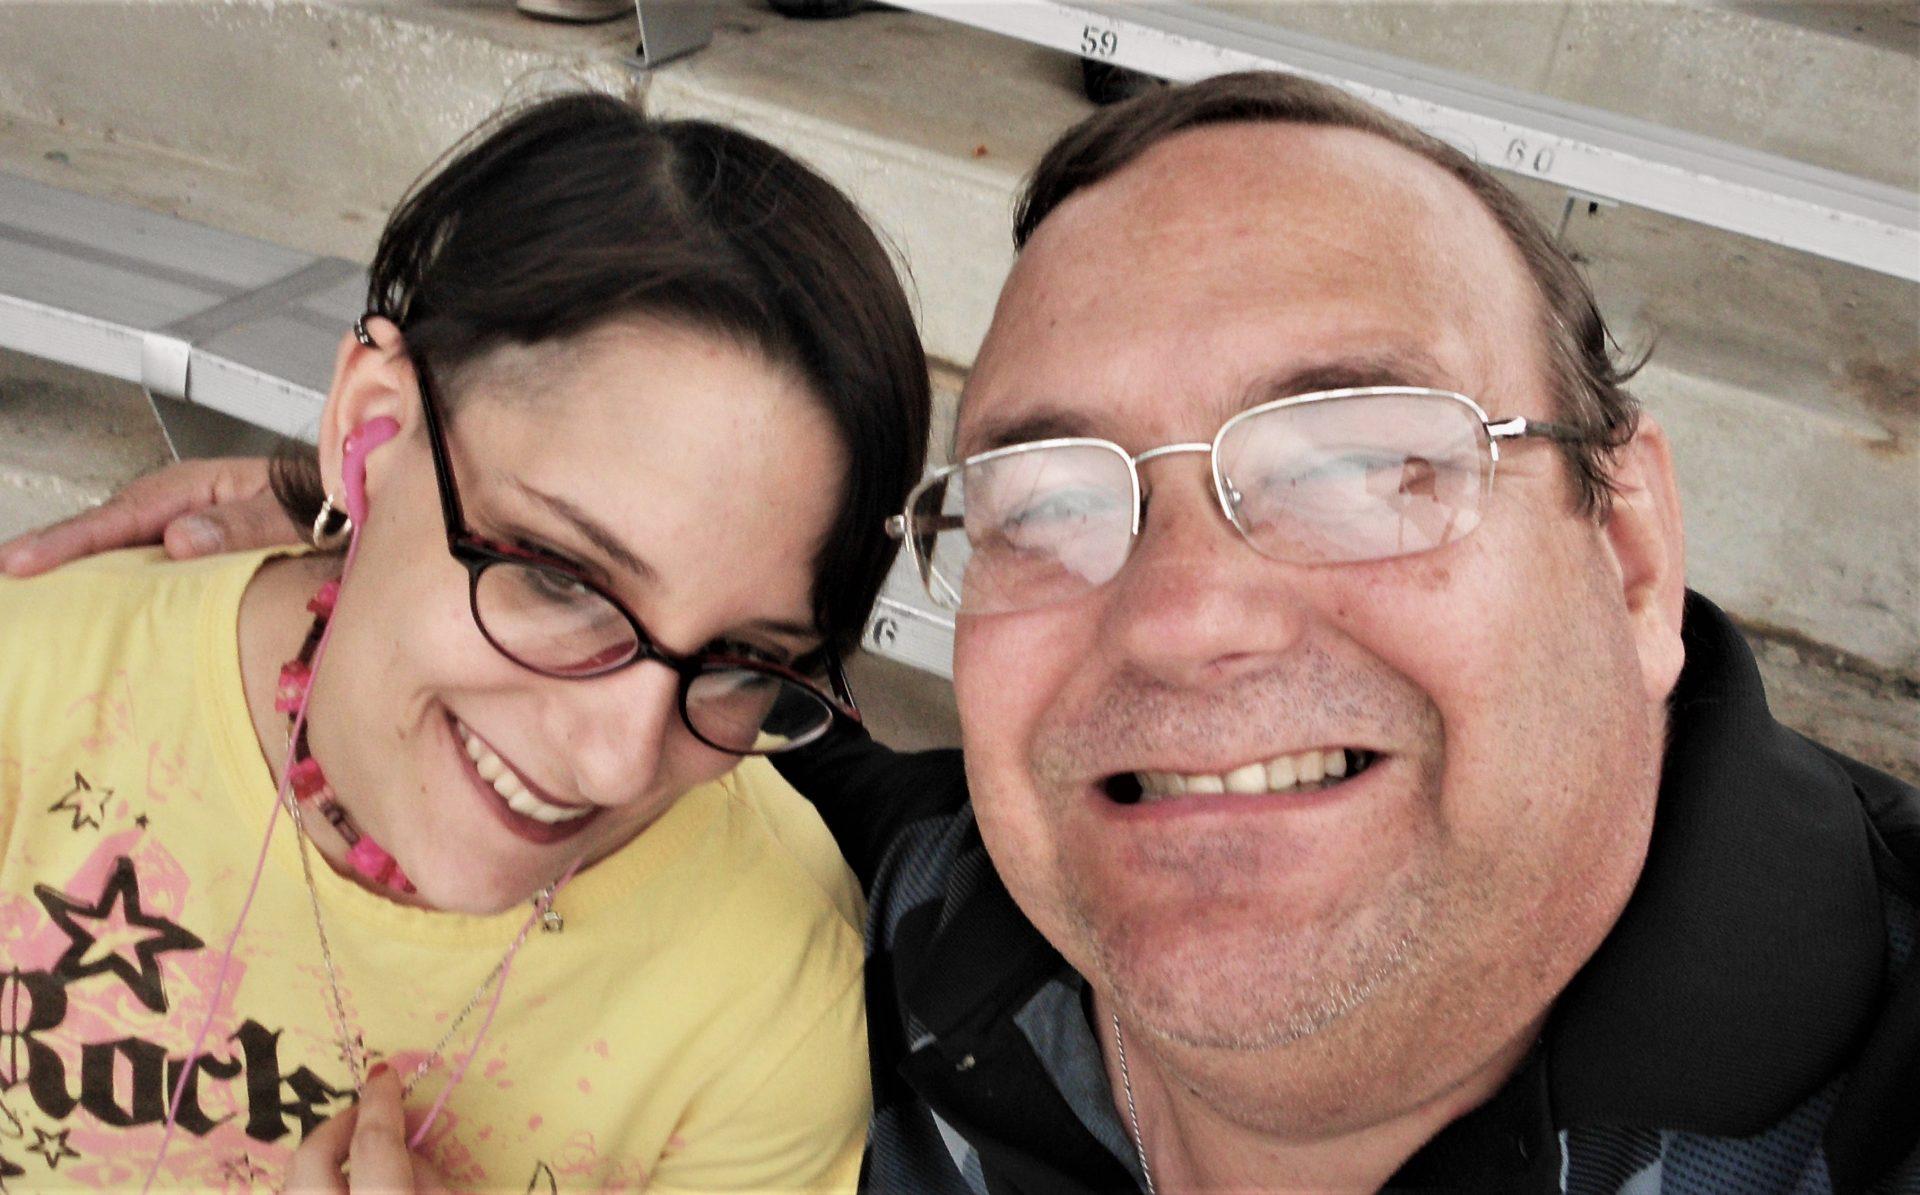 Matt with his daughter Kimberly